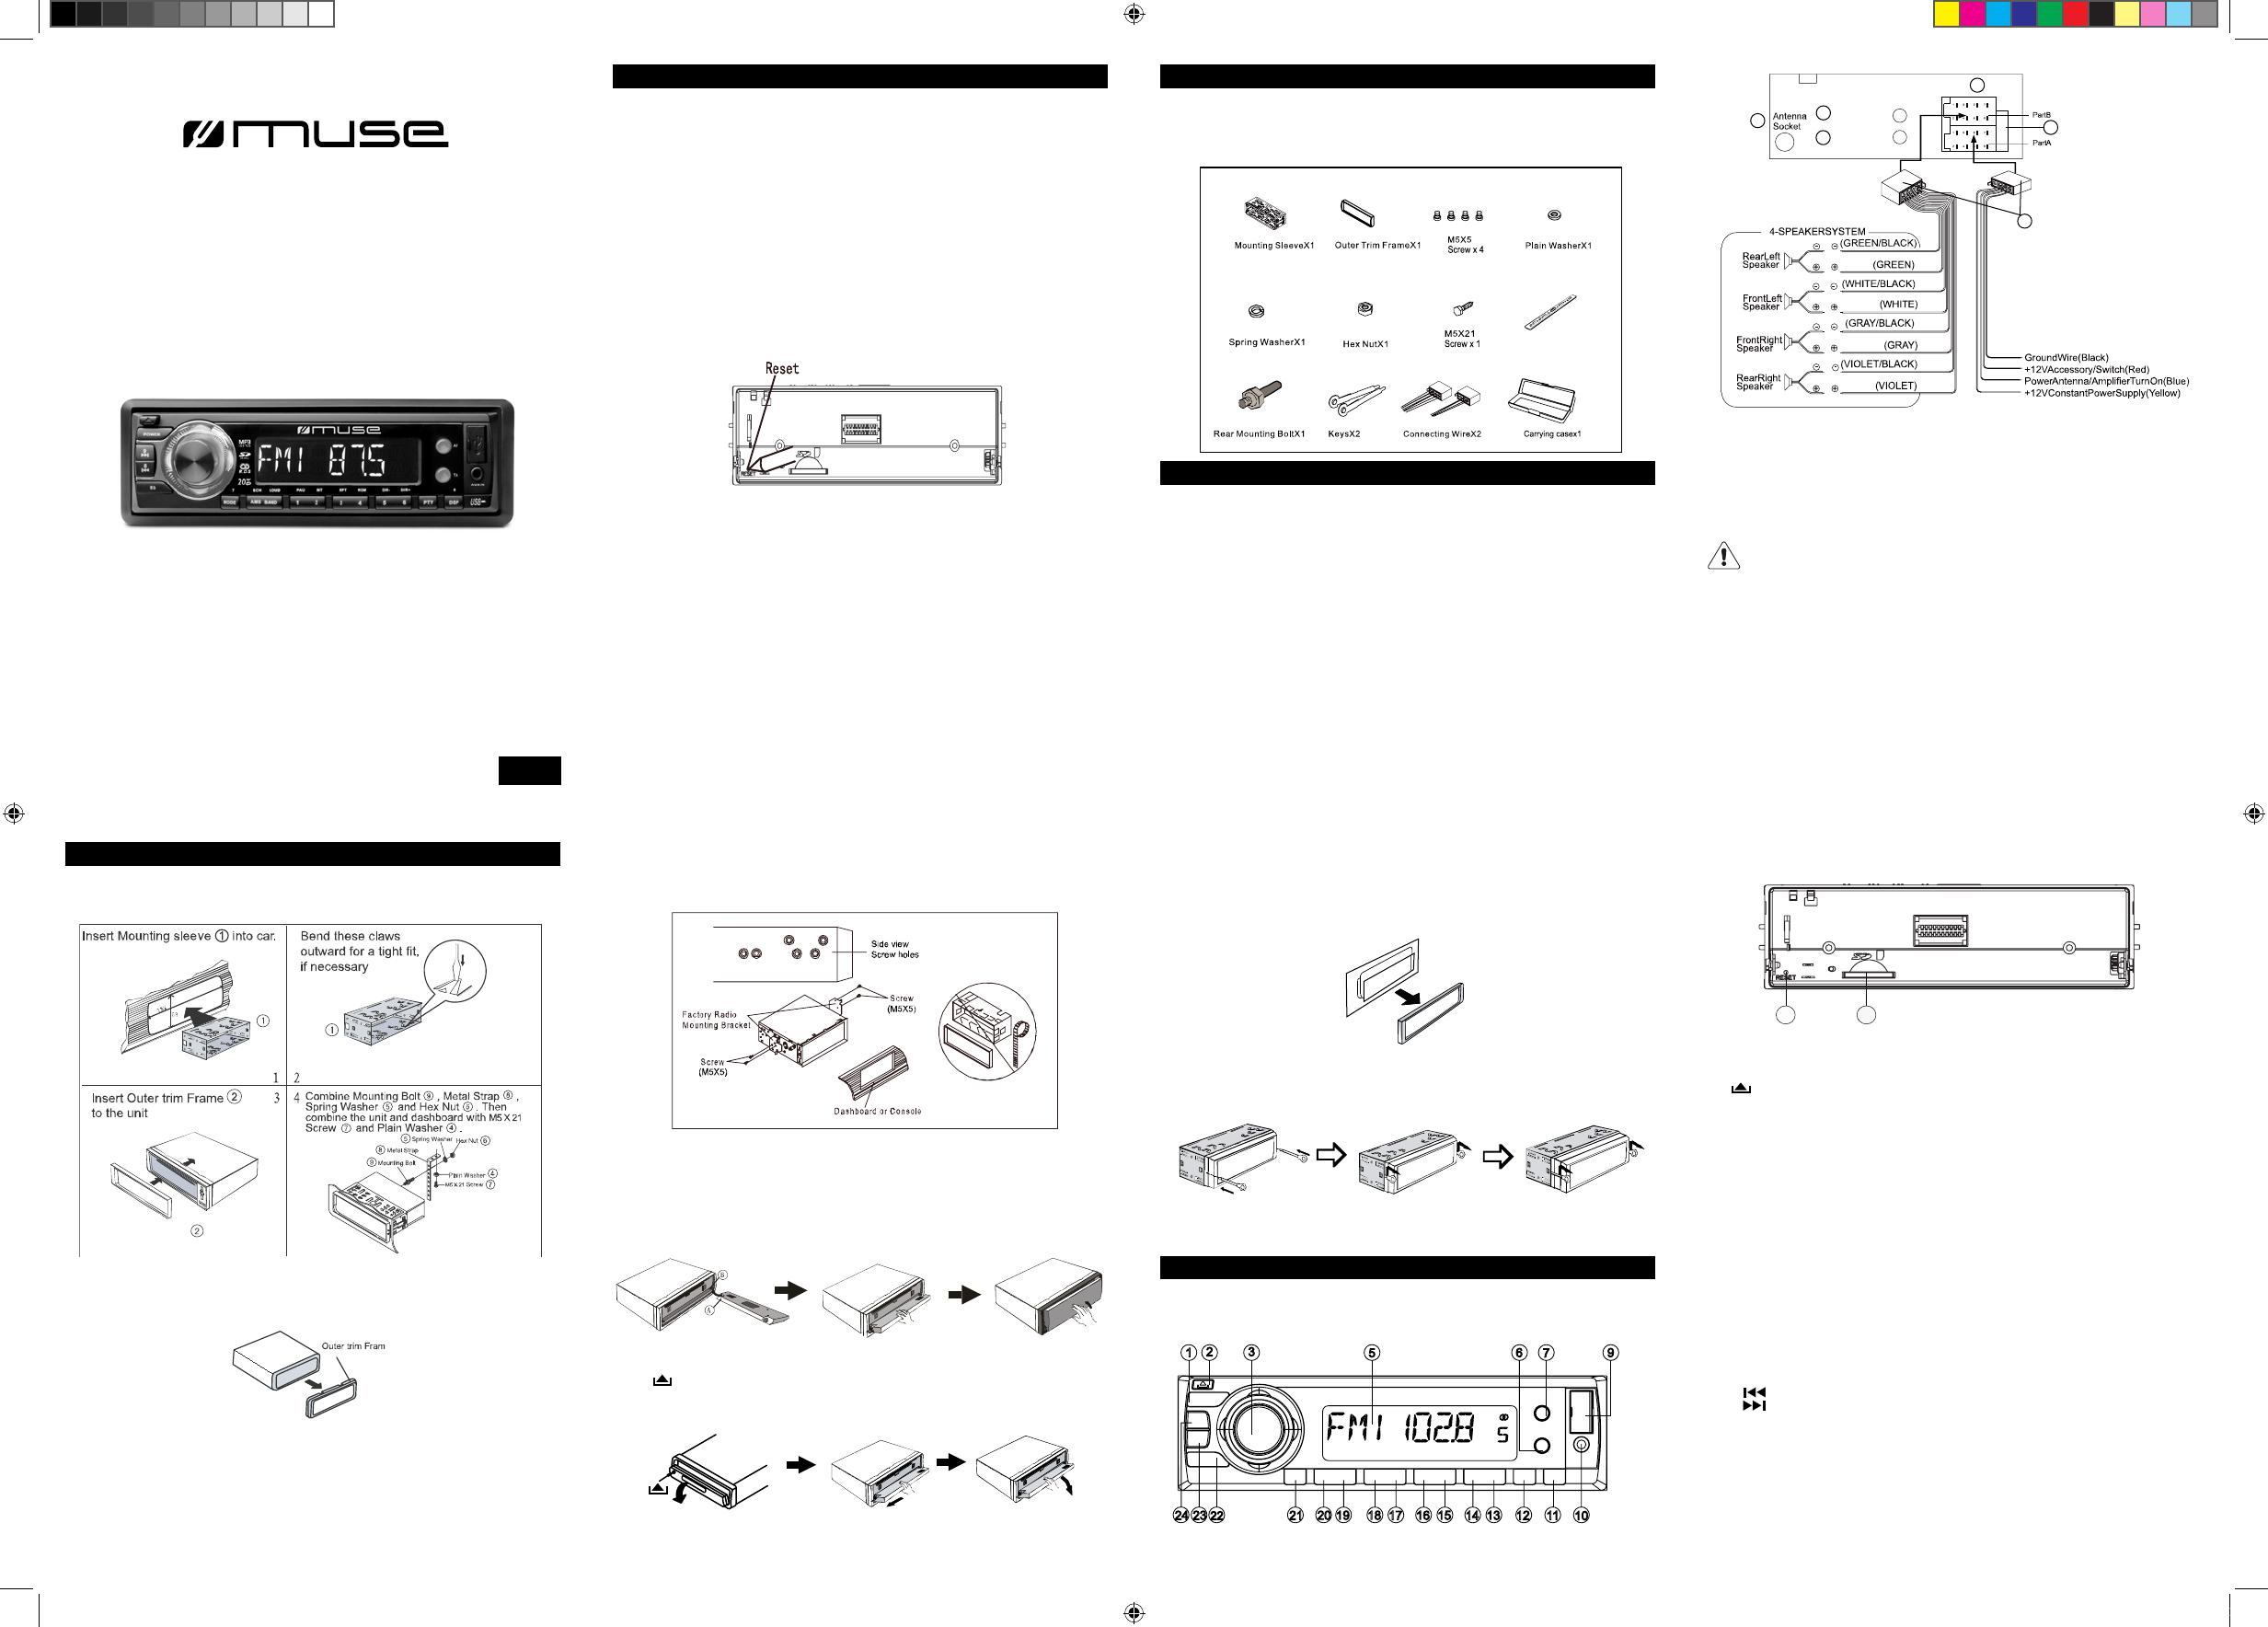 Handleiding Muse M 092 Pagina 2 Van English Wiring Diagram